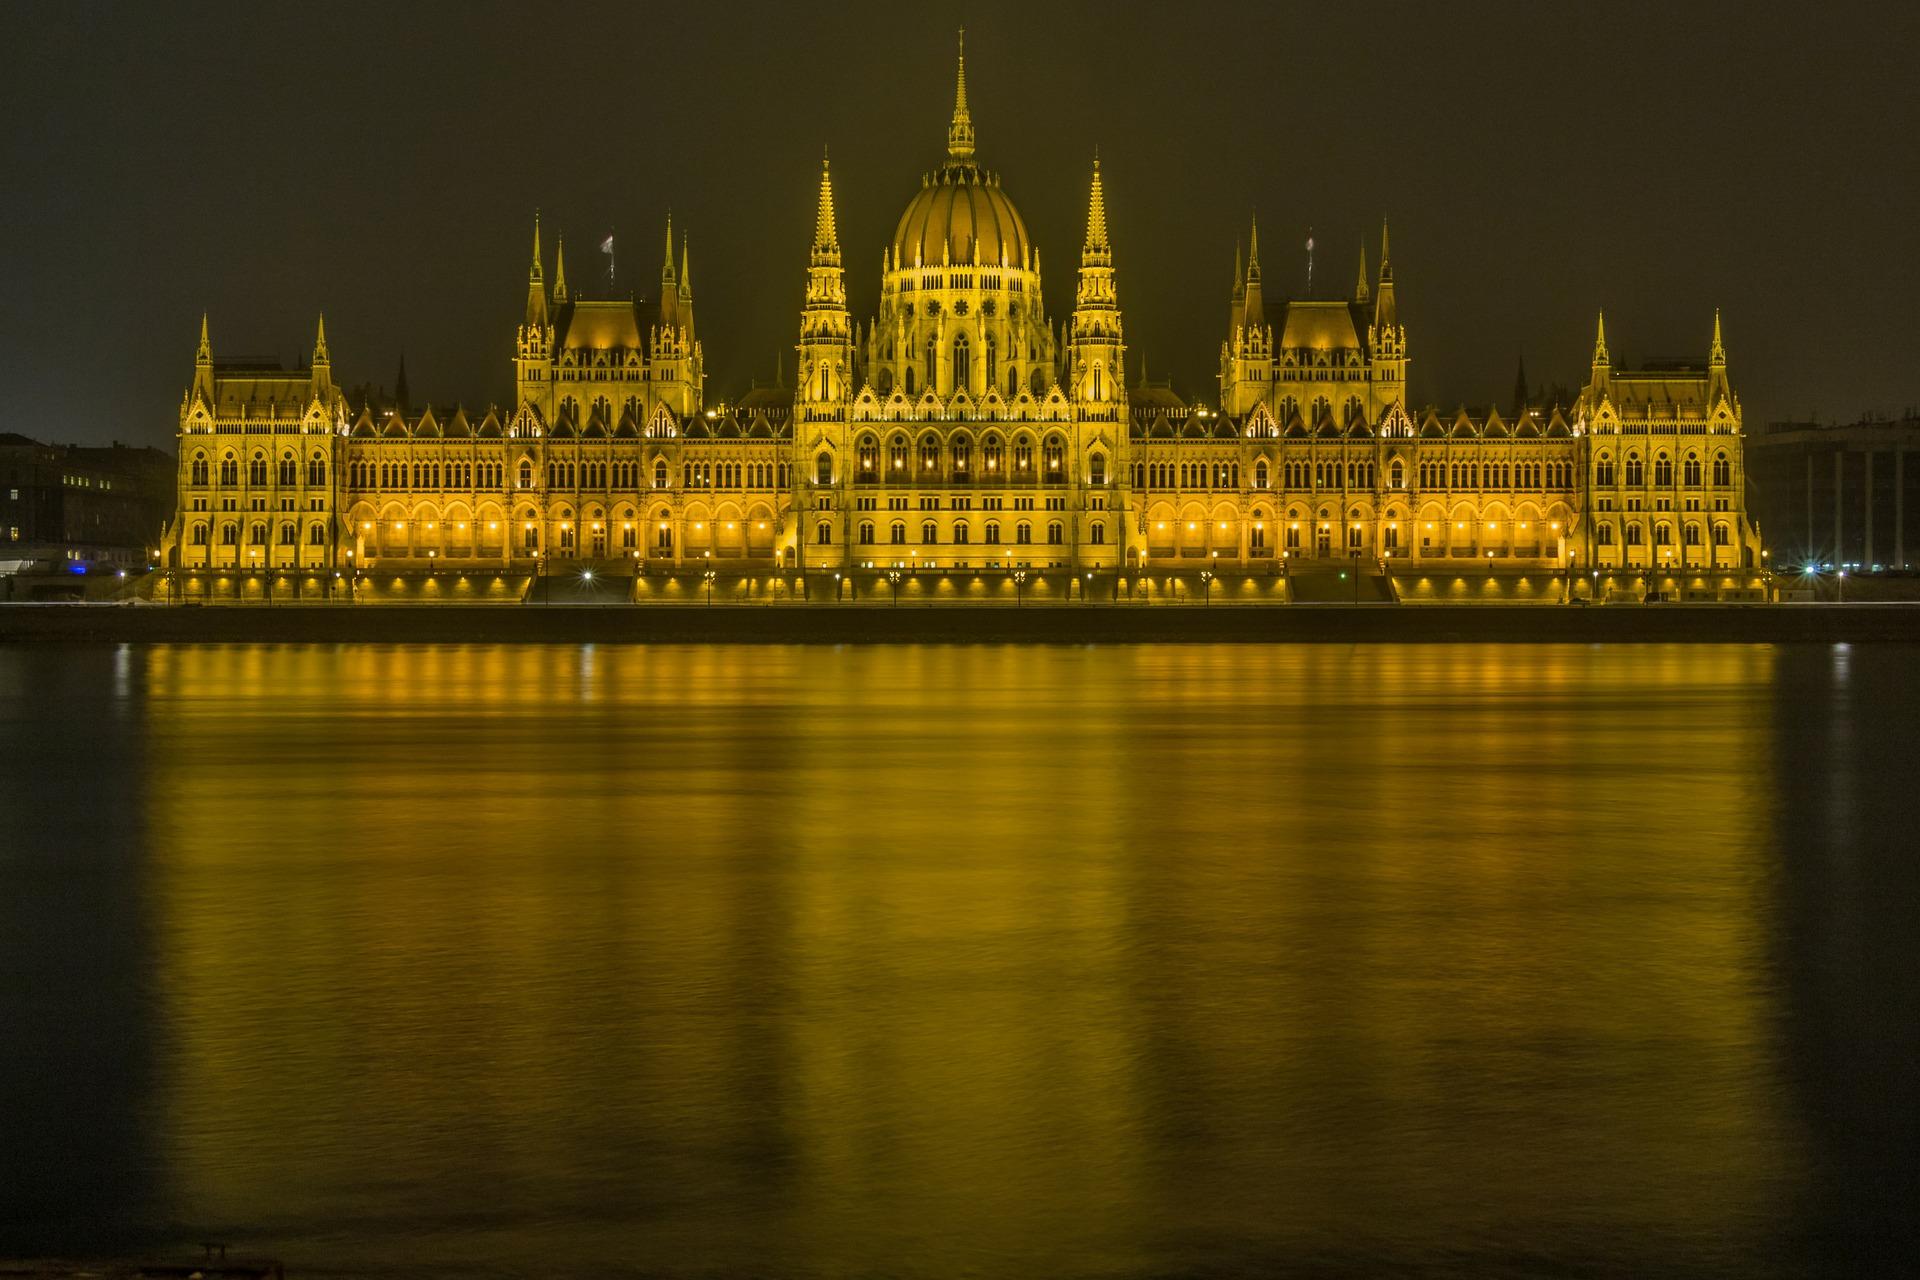 Les Bons Plans à Bordeaux vous présentent leur cousin hongrois : Budapest Bons Plans - 3